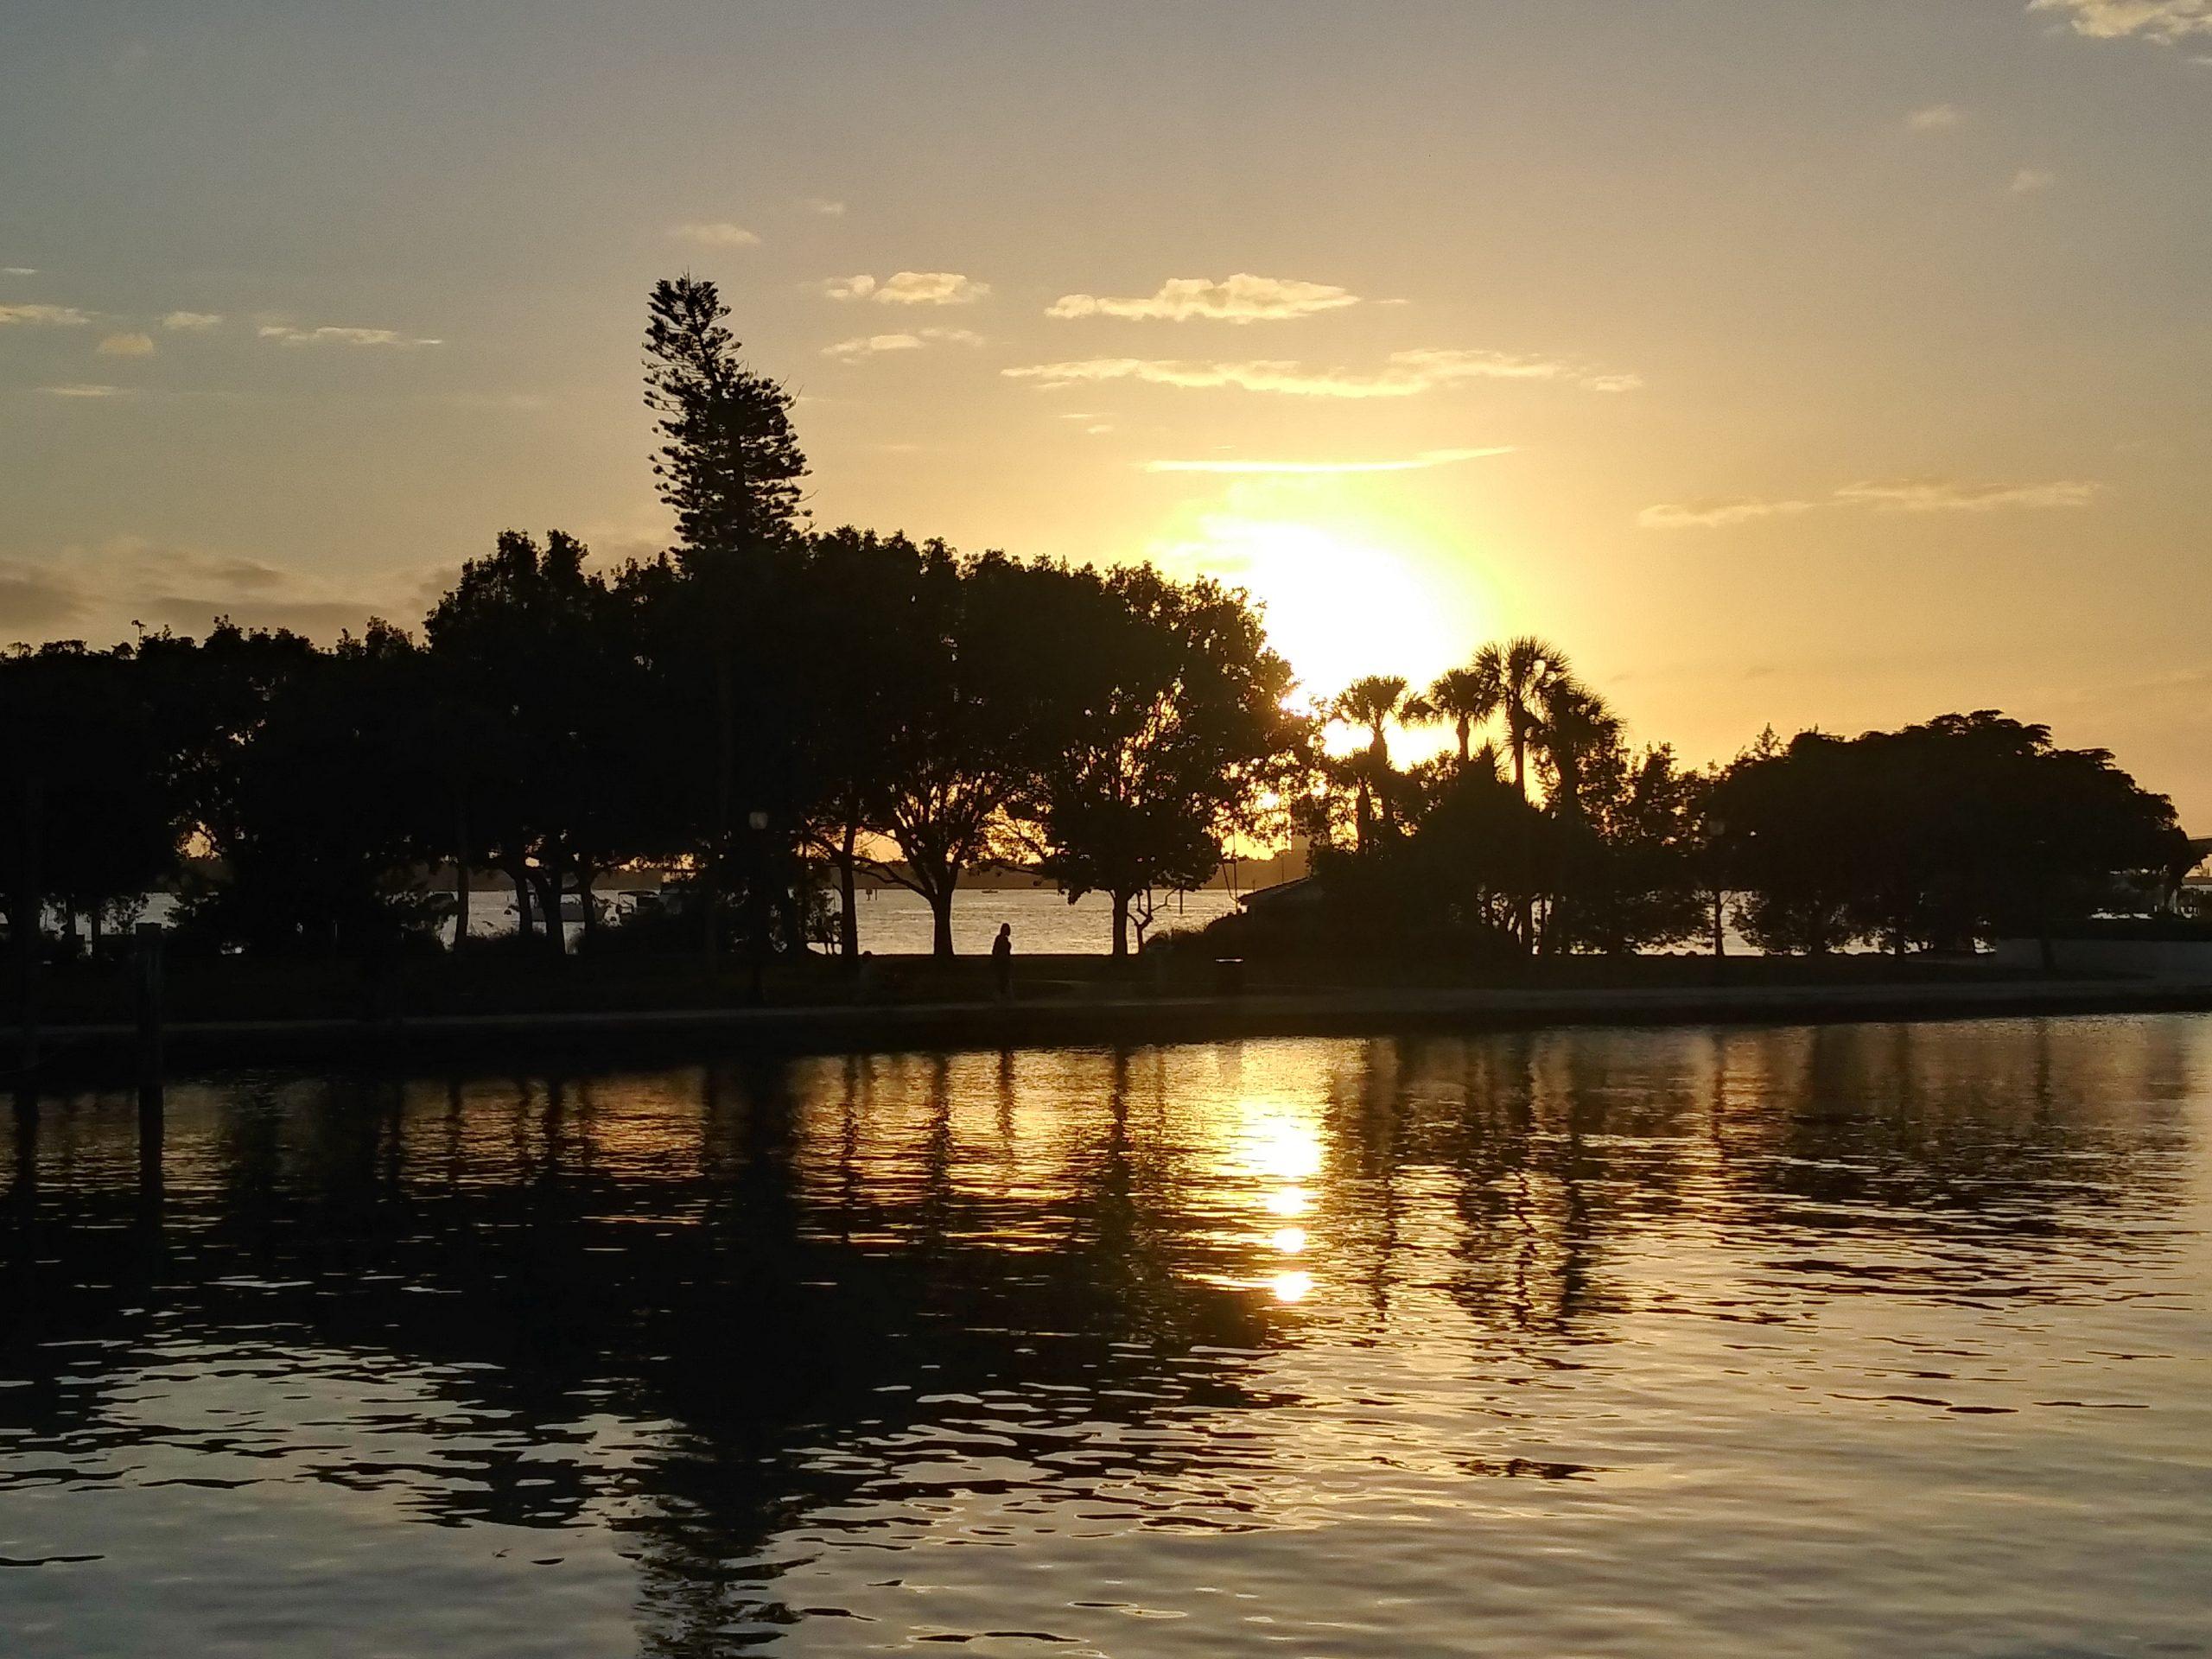 #84 Sarasota, Florida to Venice, Florida